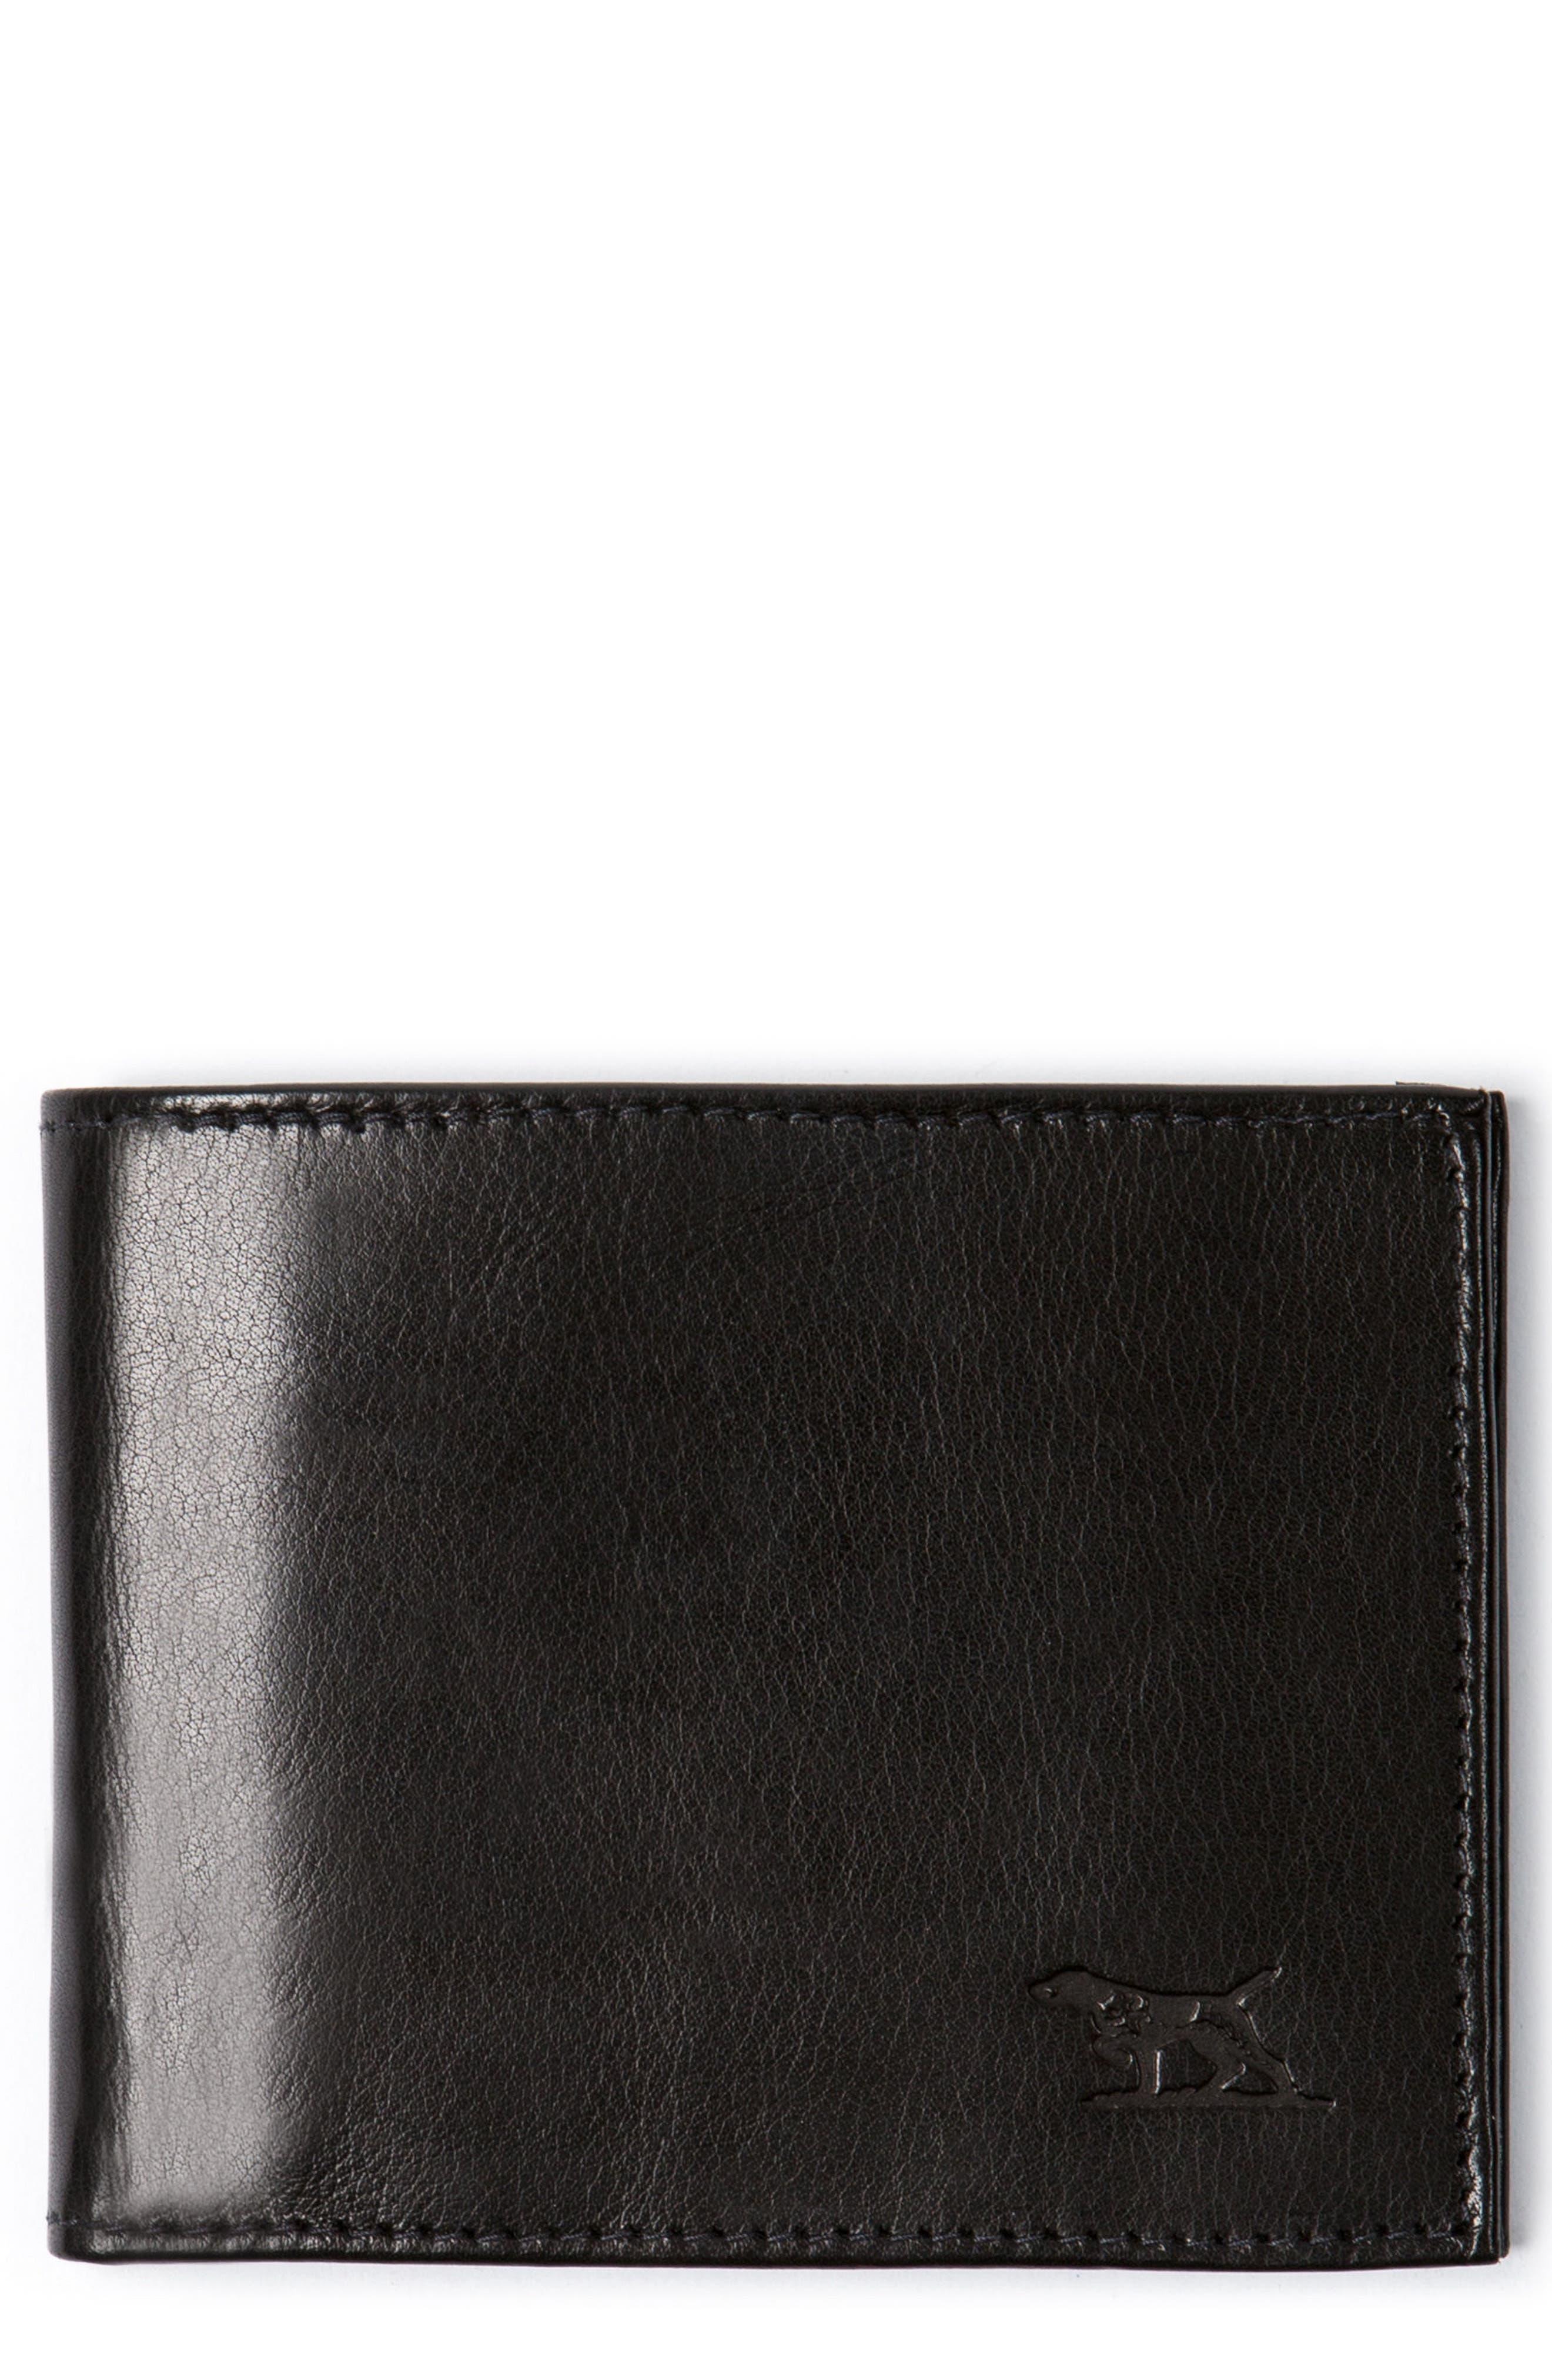 Rodd & Gunn Leeston Wallet